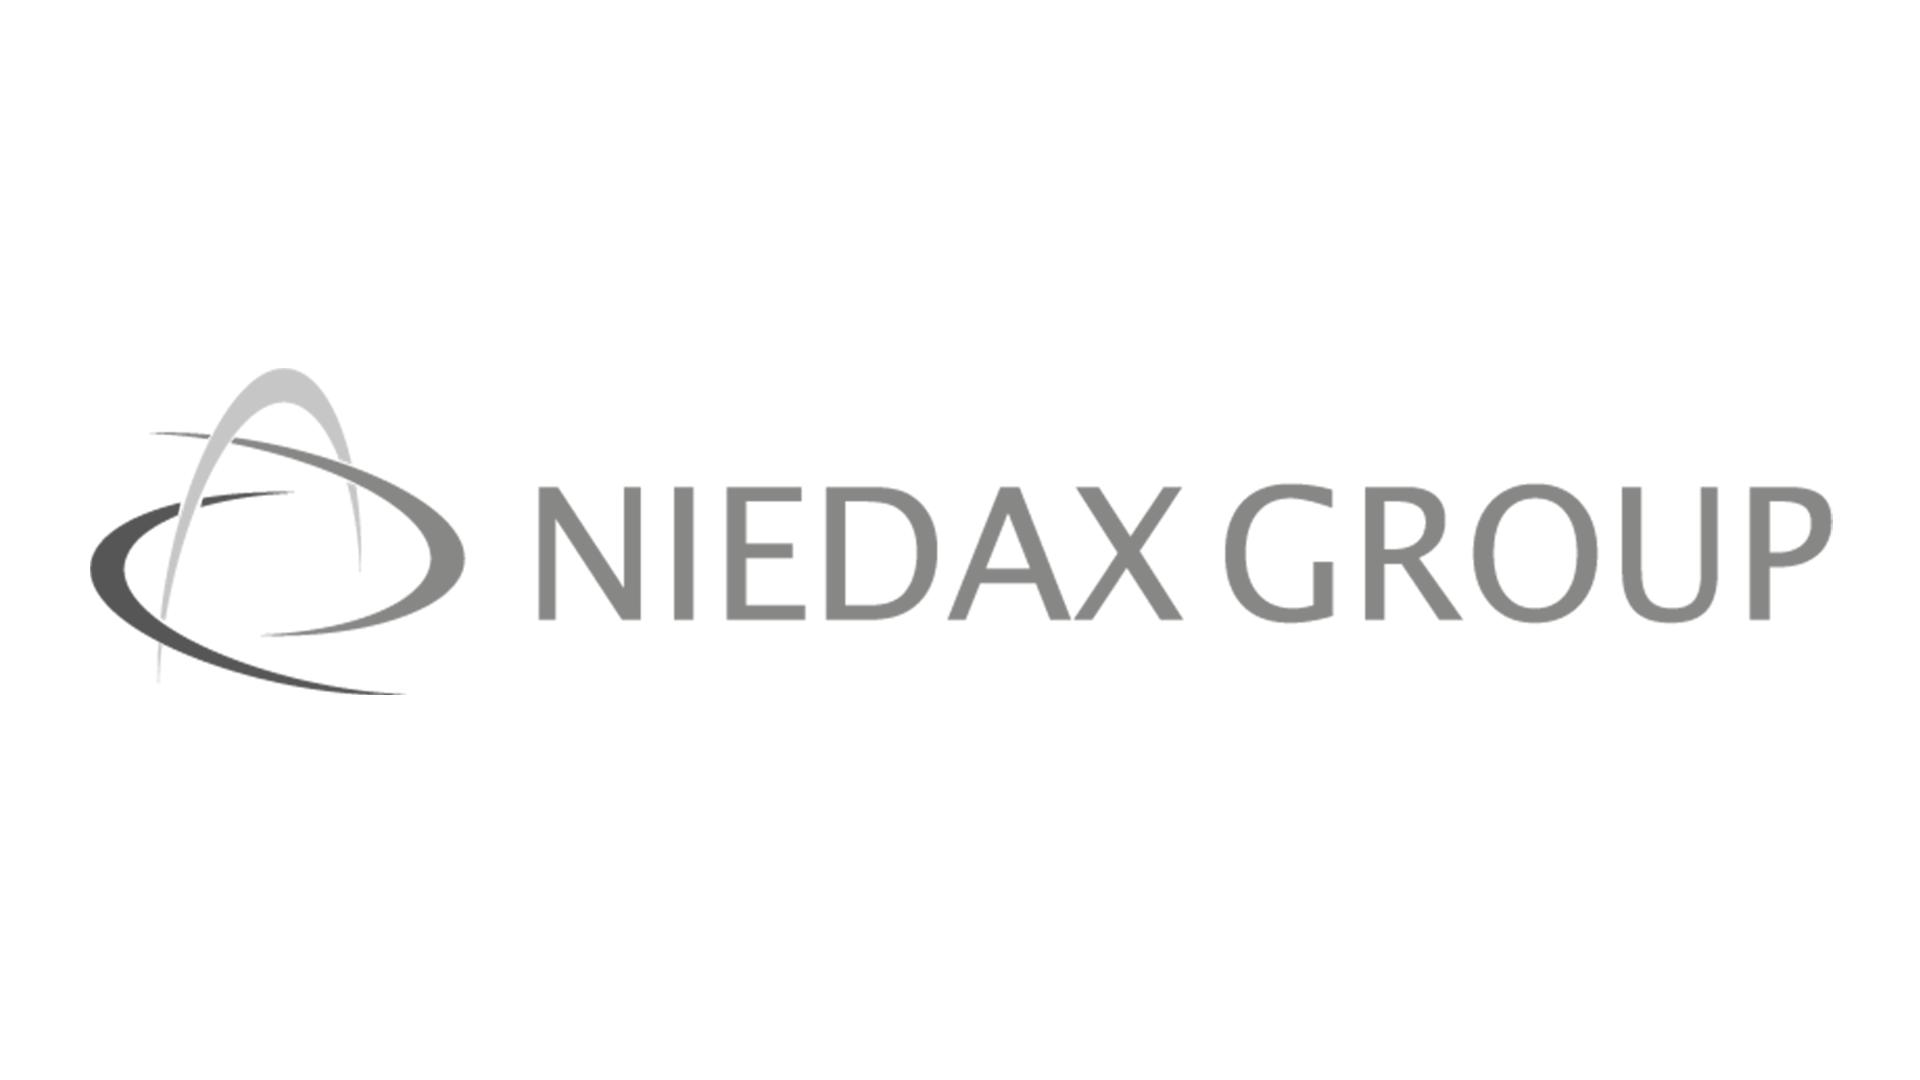 niedax.png